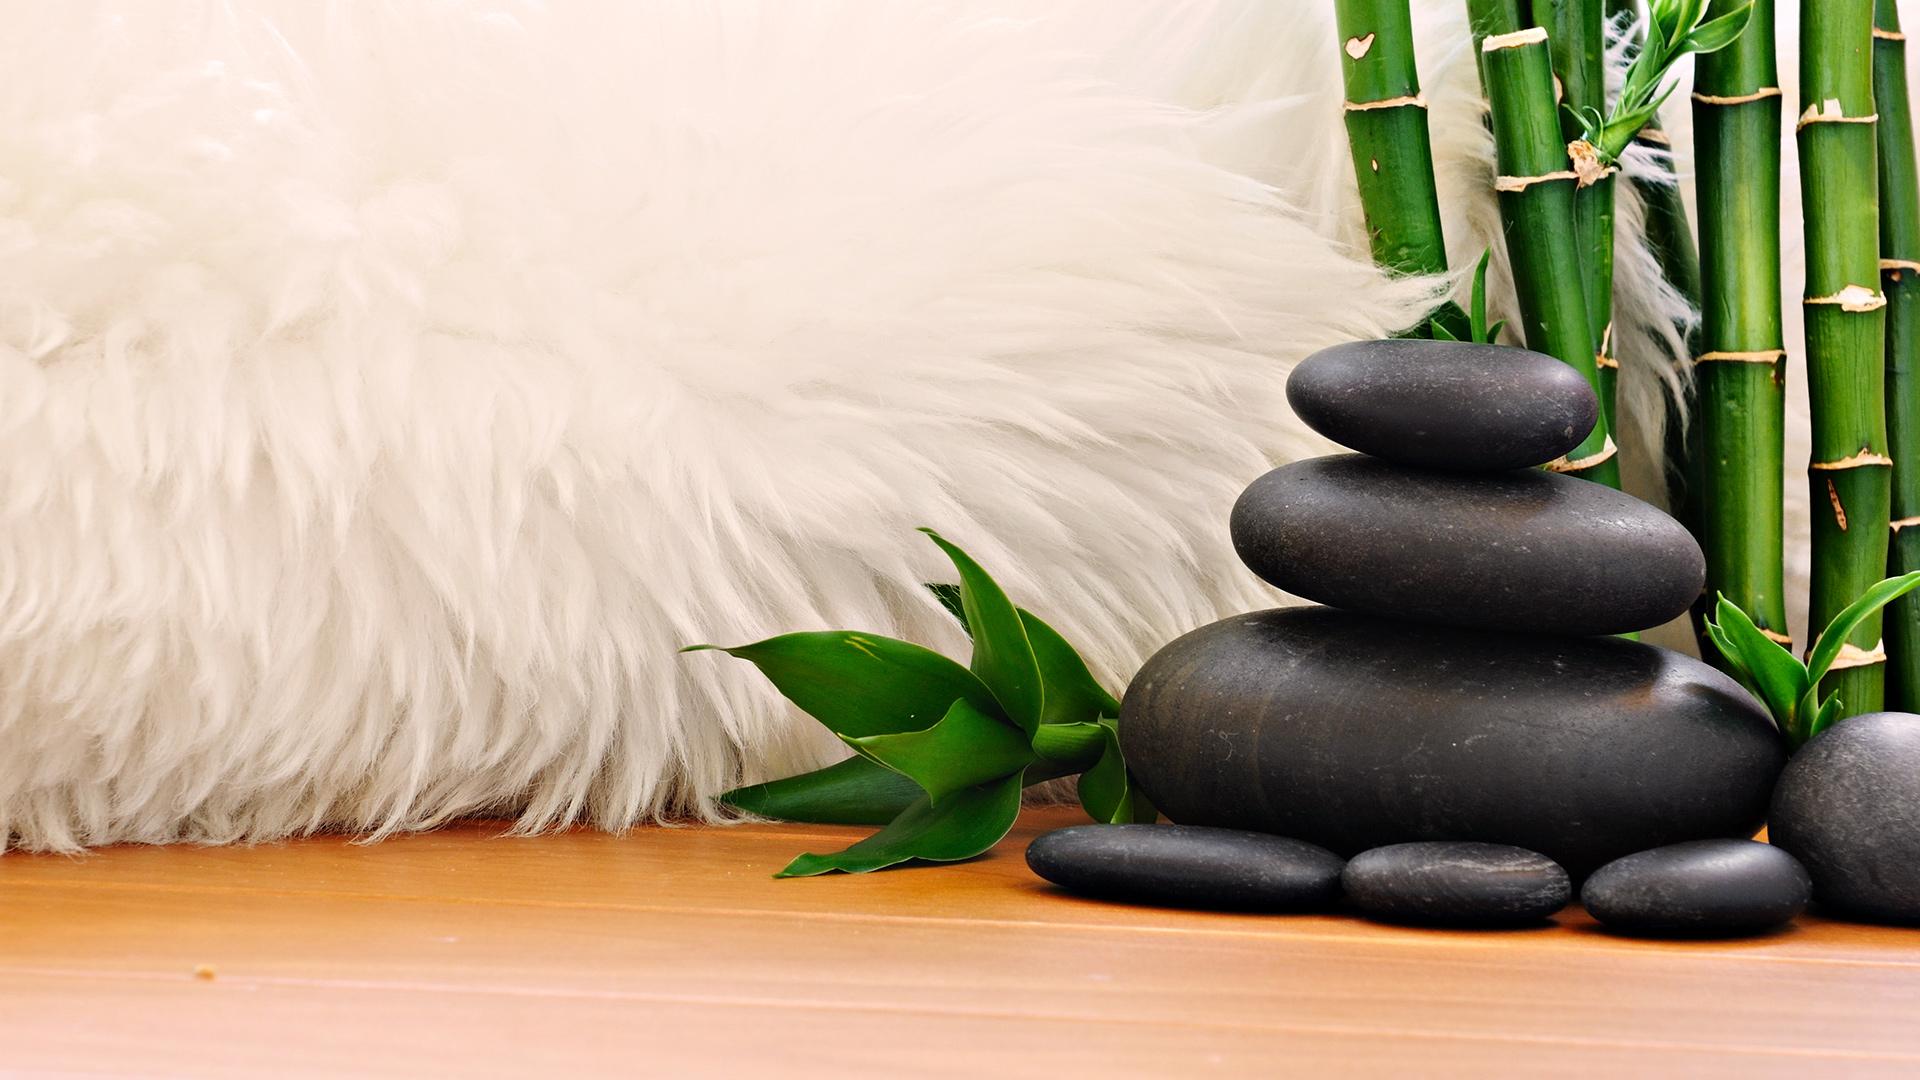 бамбук камни вода фото высокого разрешения